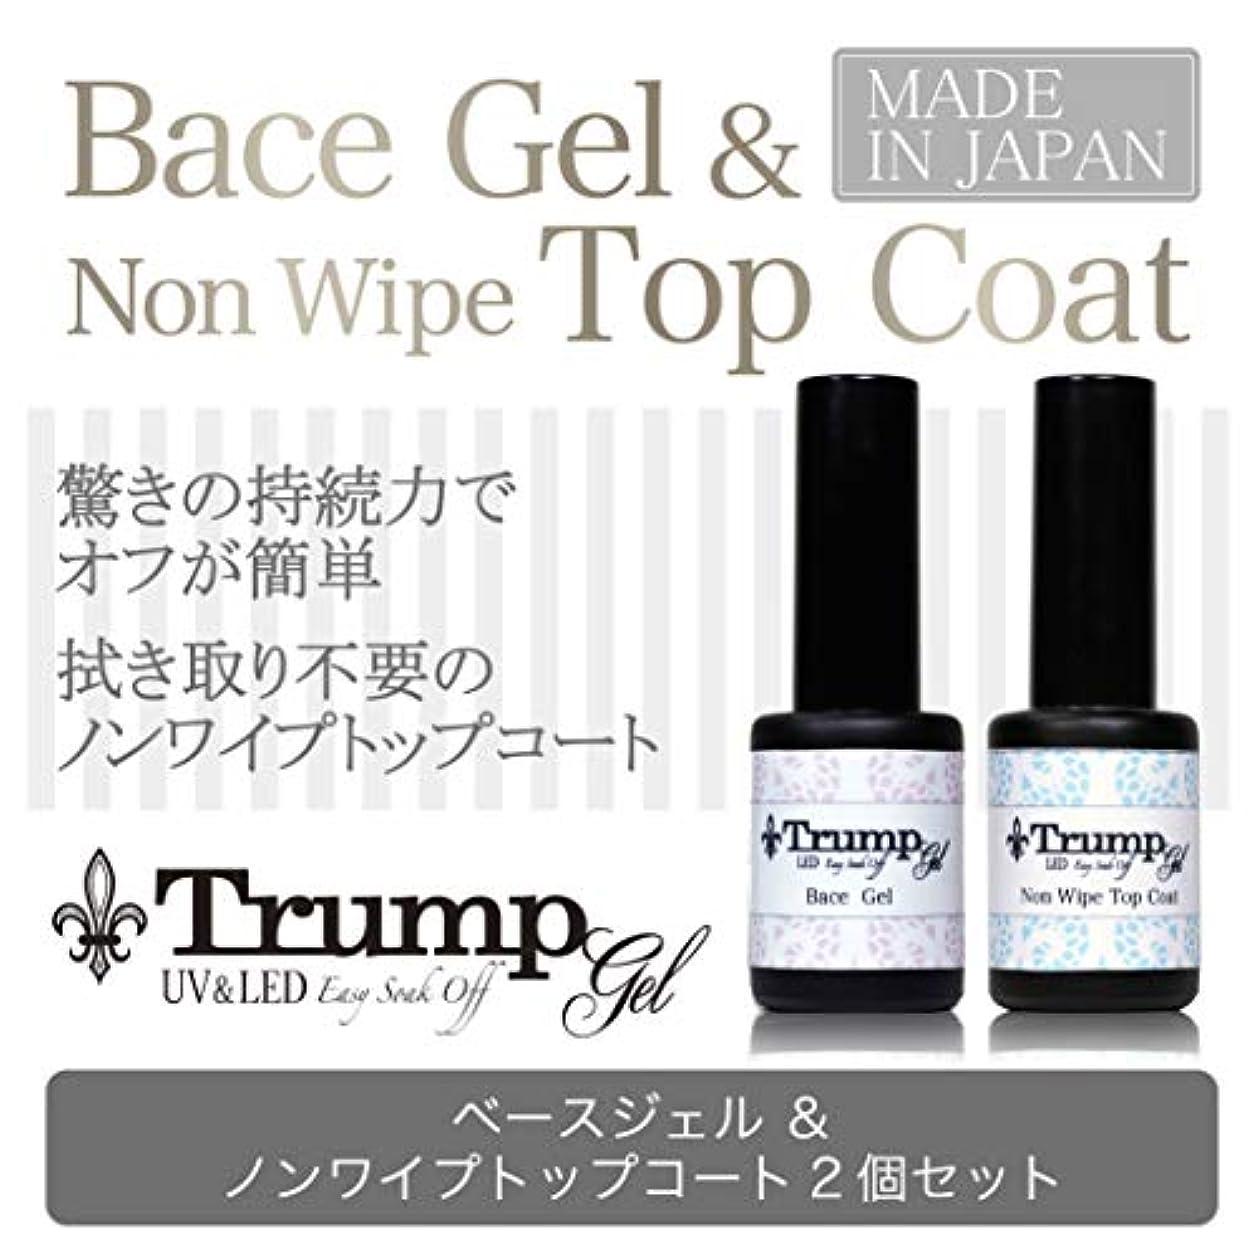 極小商標ピアノを弾く【日本製】Trump Gel ジェルネイルUV LED ベースジェル & ノンワイプトップコート 大容量10g×2本セット